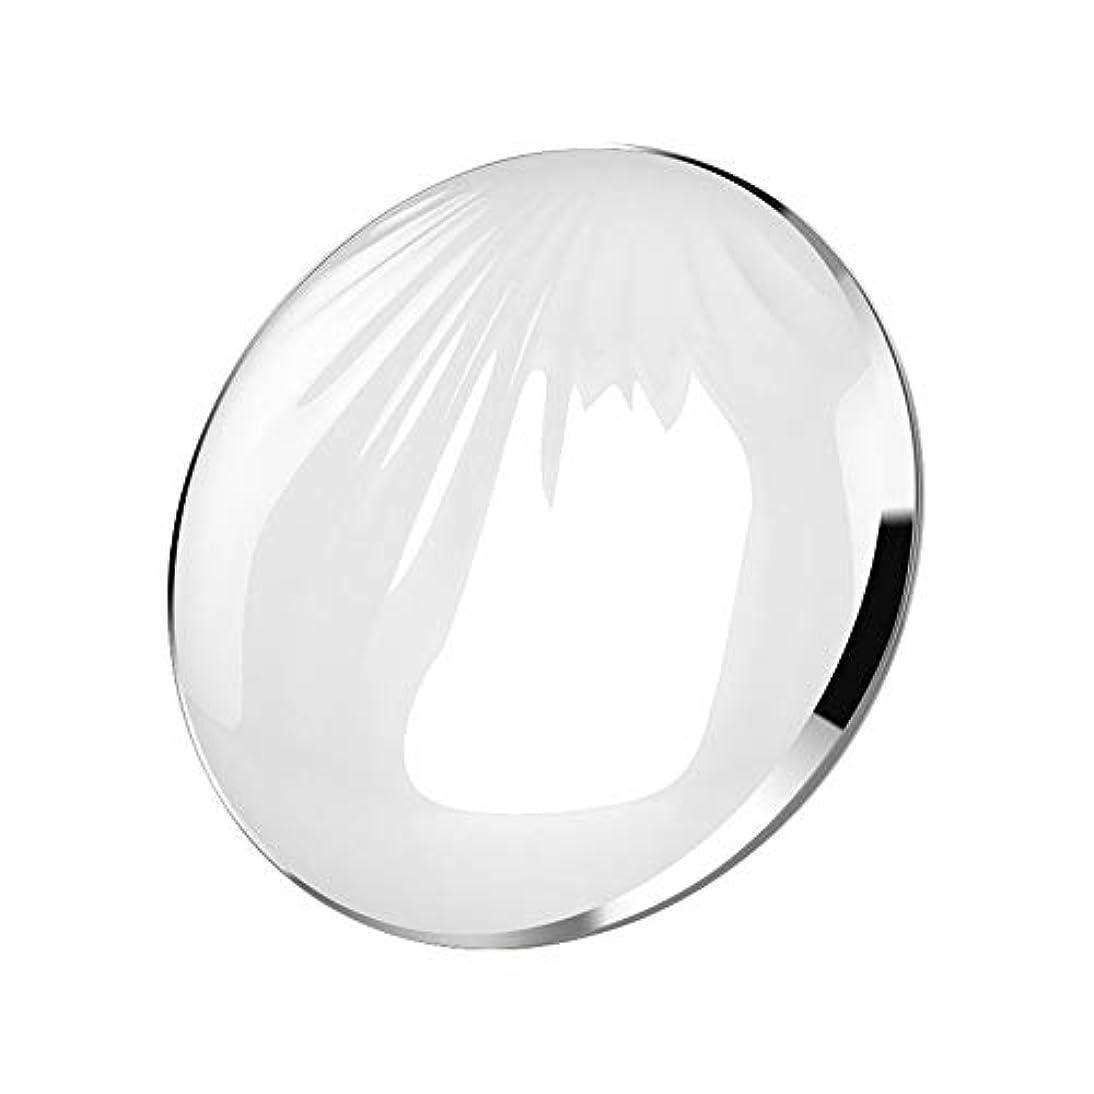 詩知らせるどこでも流行の クリエイティブled化粧鏡シェルポータブル折りたたみ式フィルライトusbモバイル充電宝美容鏡化粧台ミラーピンクシルバーコールドライトウォームライトミックスライト (色 : Silver)